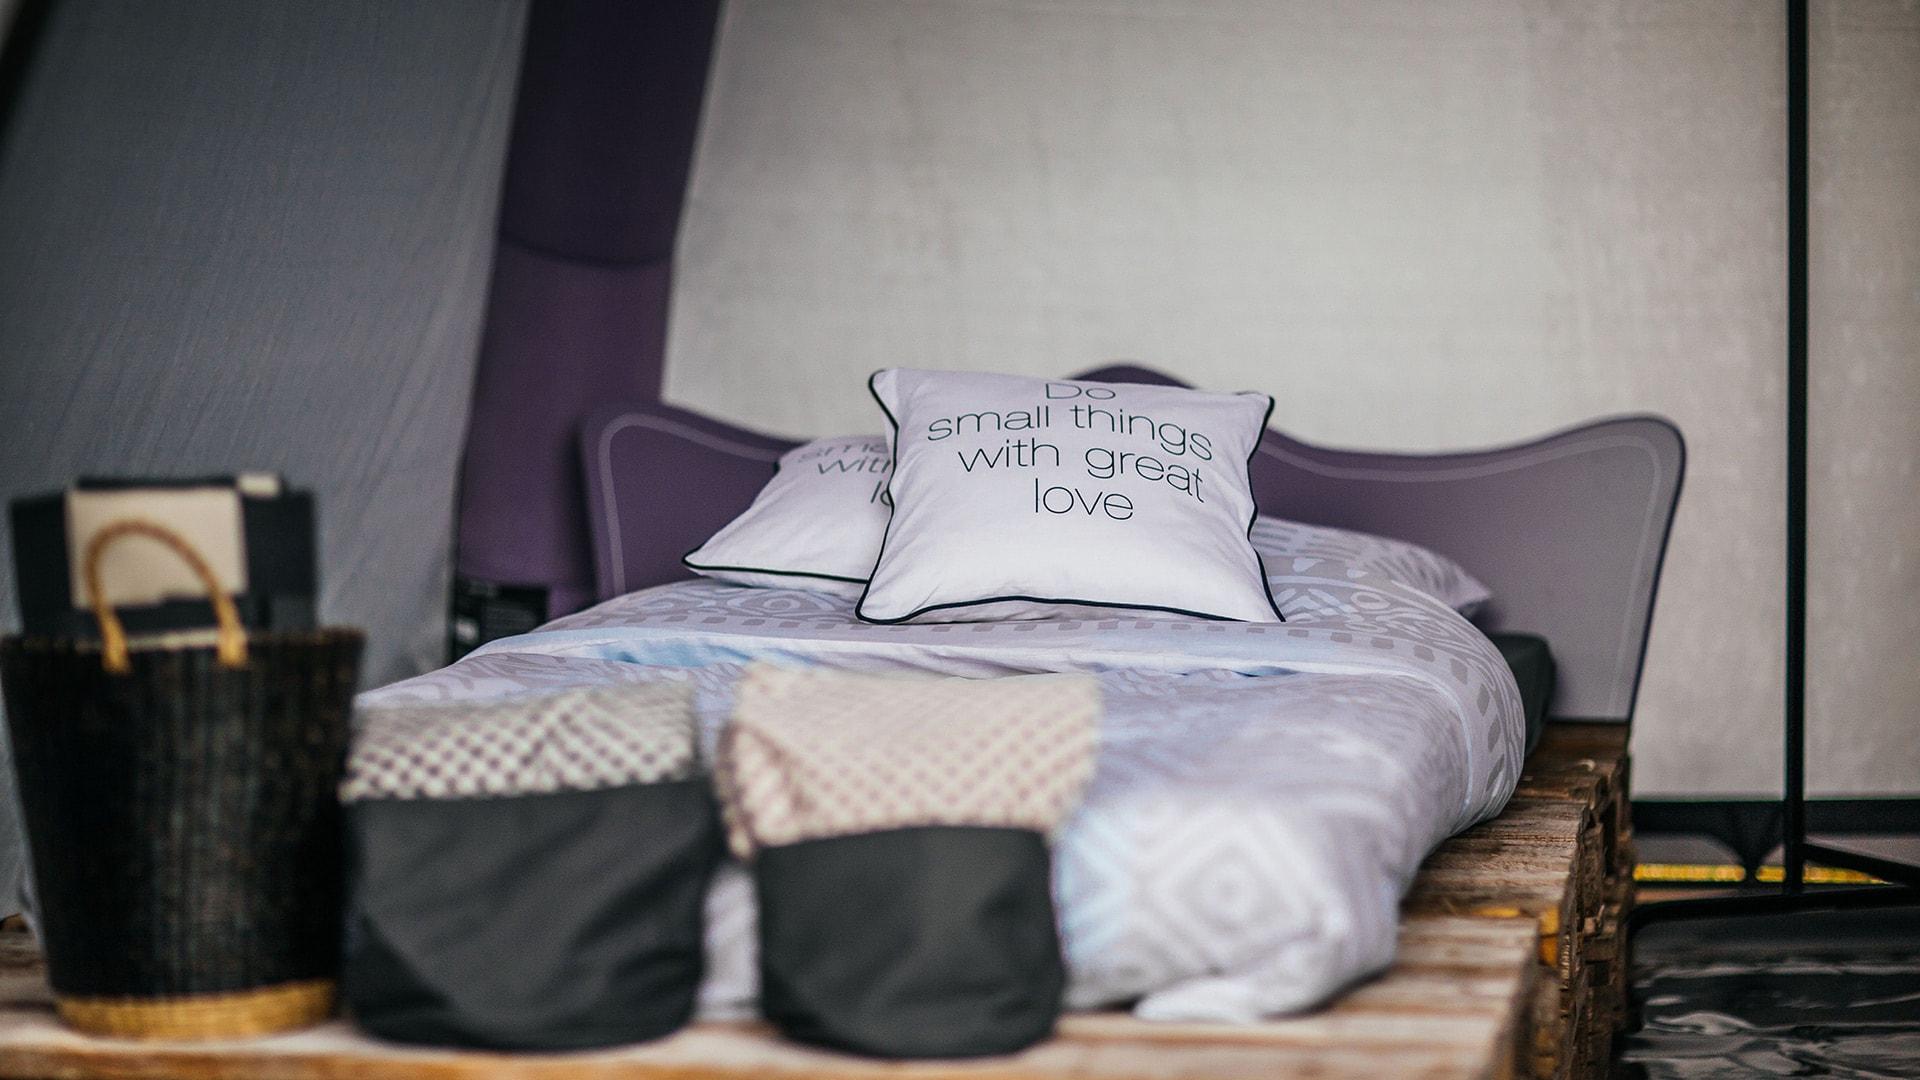 wo entsorgt man alte bettdecken bettw sche wei r schen ebay schlafzimmer komplett neu. Black Bedroom Furniture Sets. Home Design Ideas